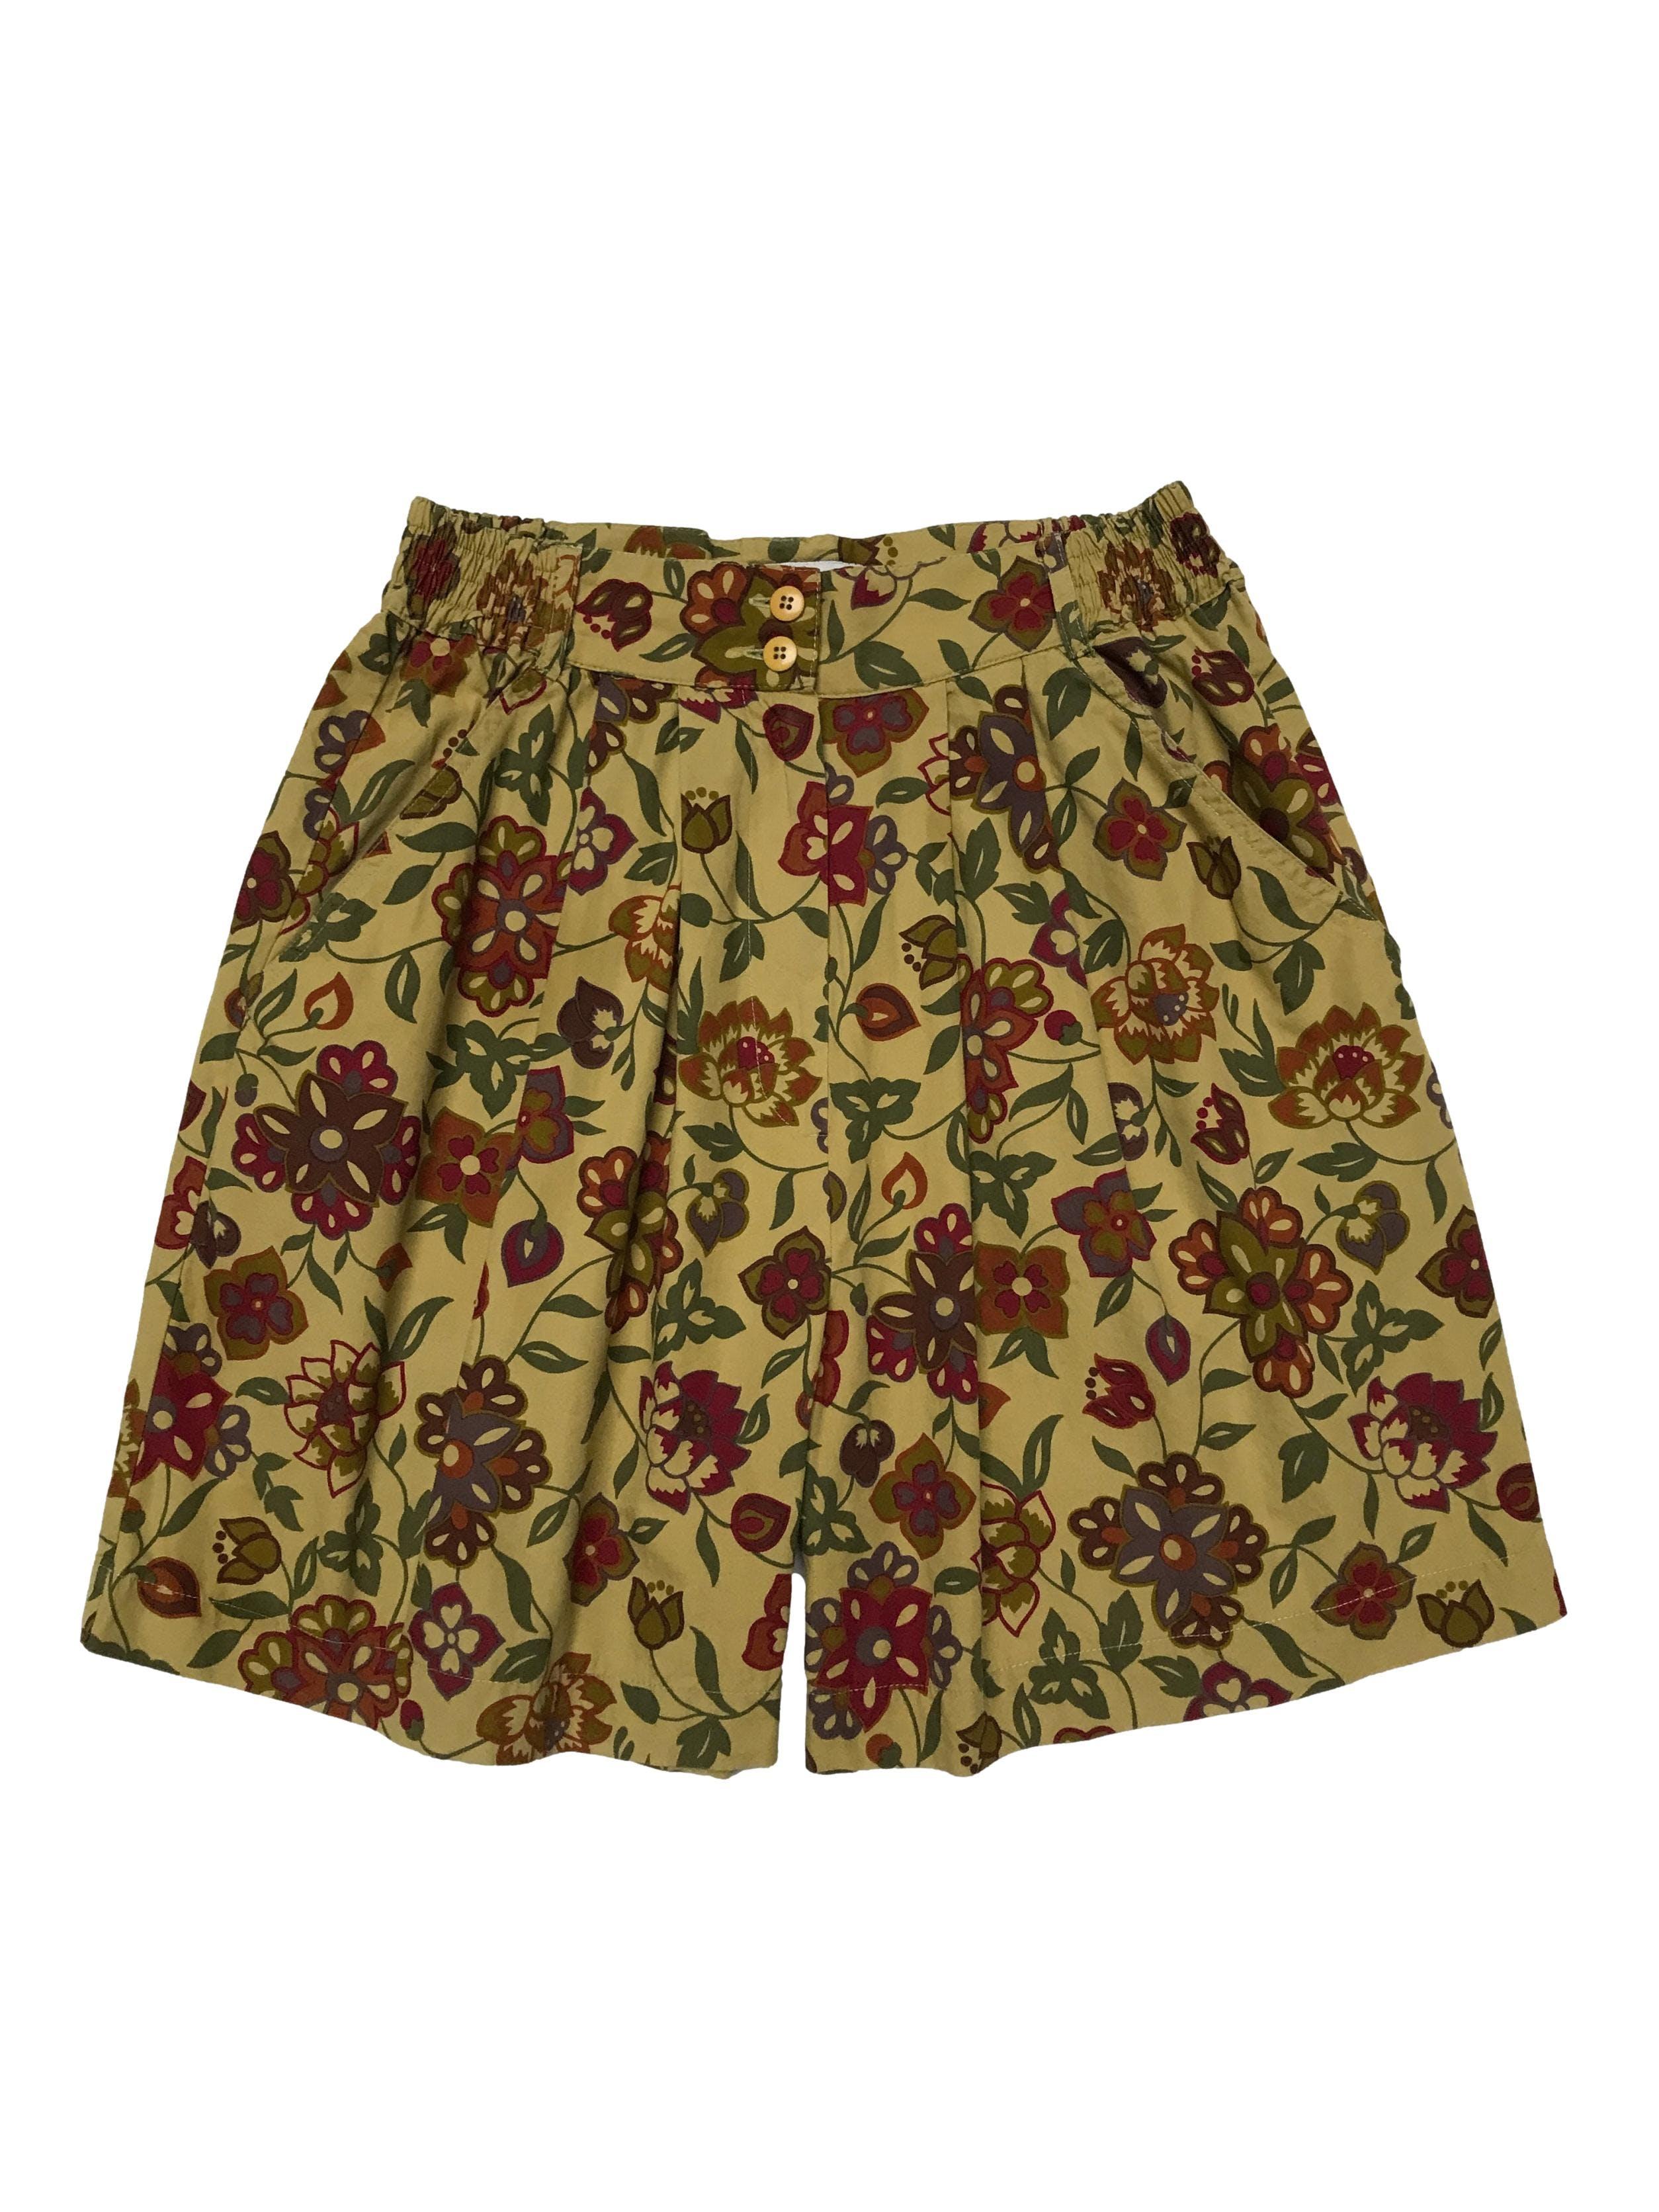 Short Cortefiel vintage 100% algodón, a la cintura con pliegues, botón cierre y bolsillos, pretina con elástico en laterales. Cintura 66cm sin estirar Largo 45cm